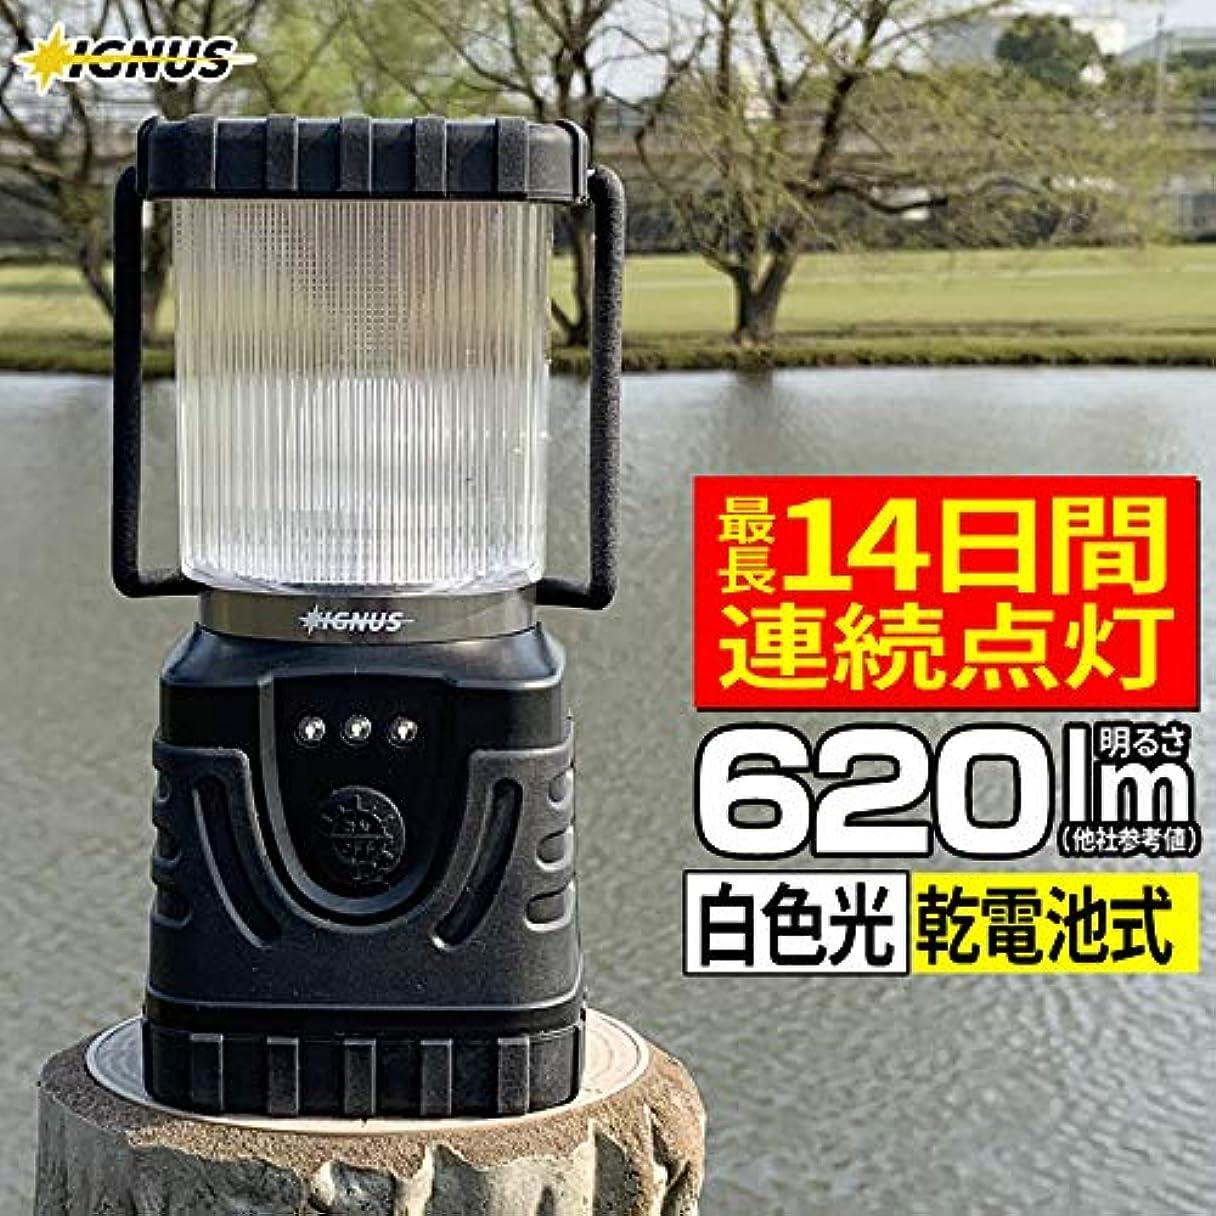 おじさんメジャーページIGNUS ランタン LEDランタン 懐中電灯 LED懐中電灯 白色LEDランタン 620lm IG-T600SR SCRAMBLE fl-igl001